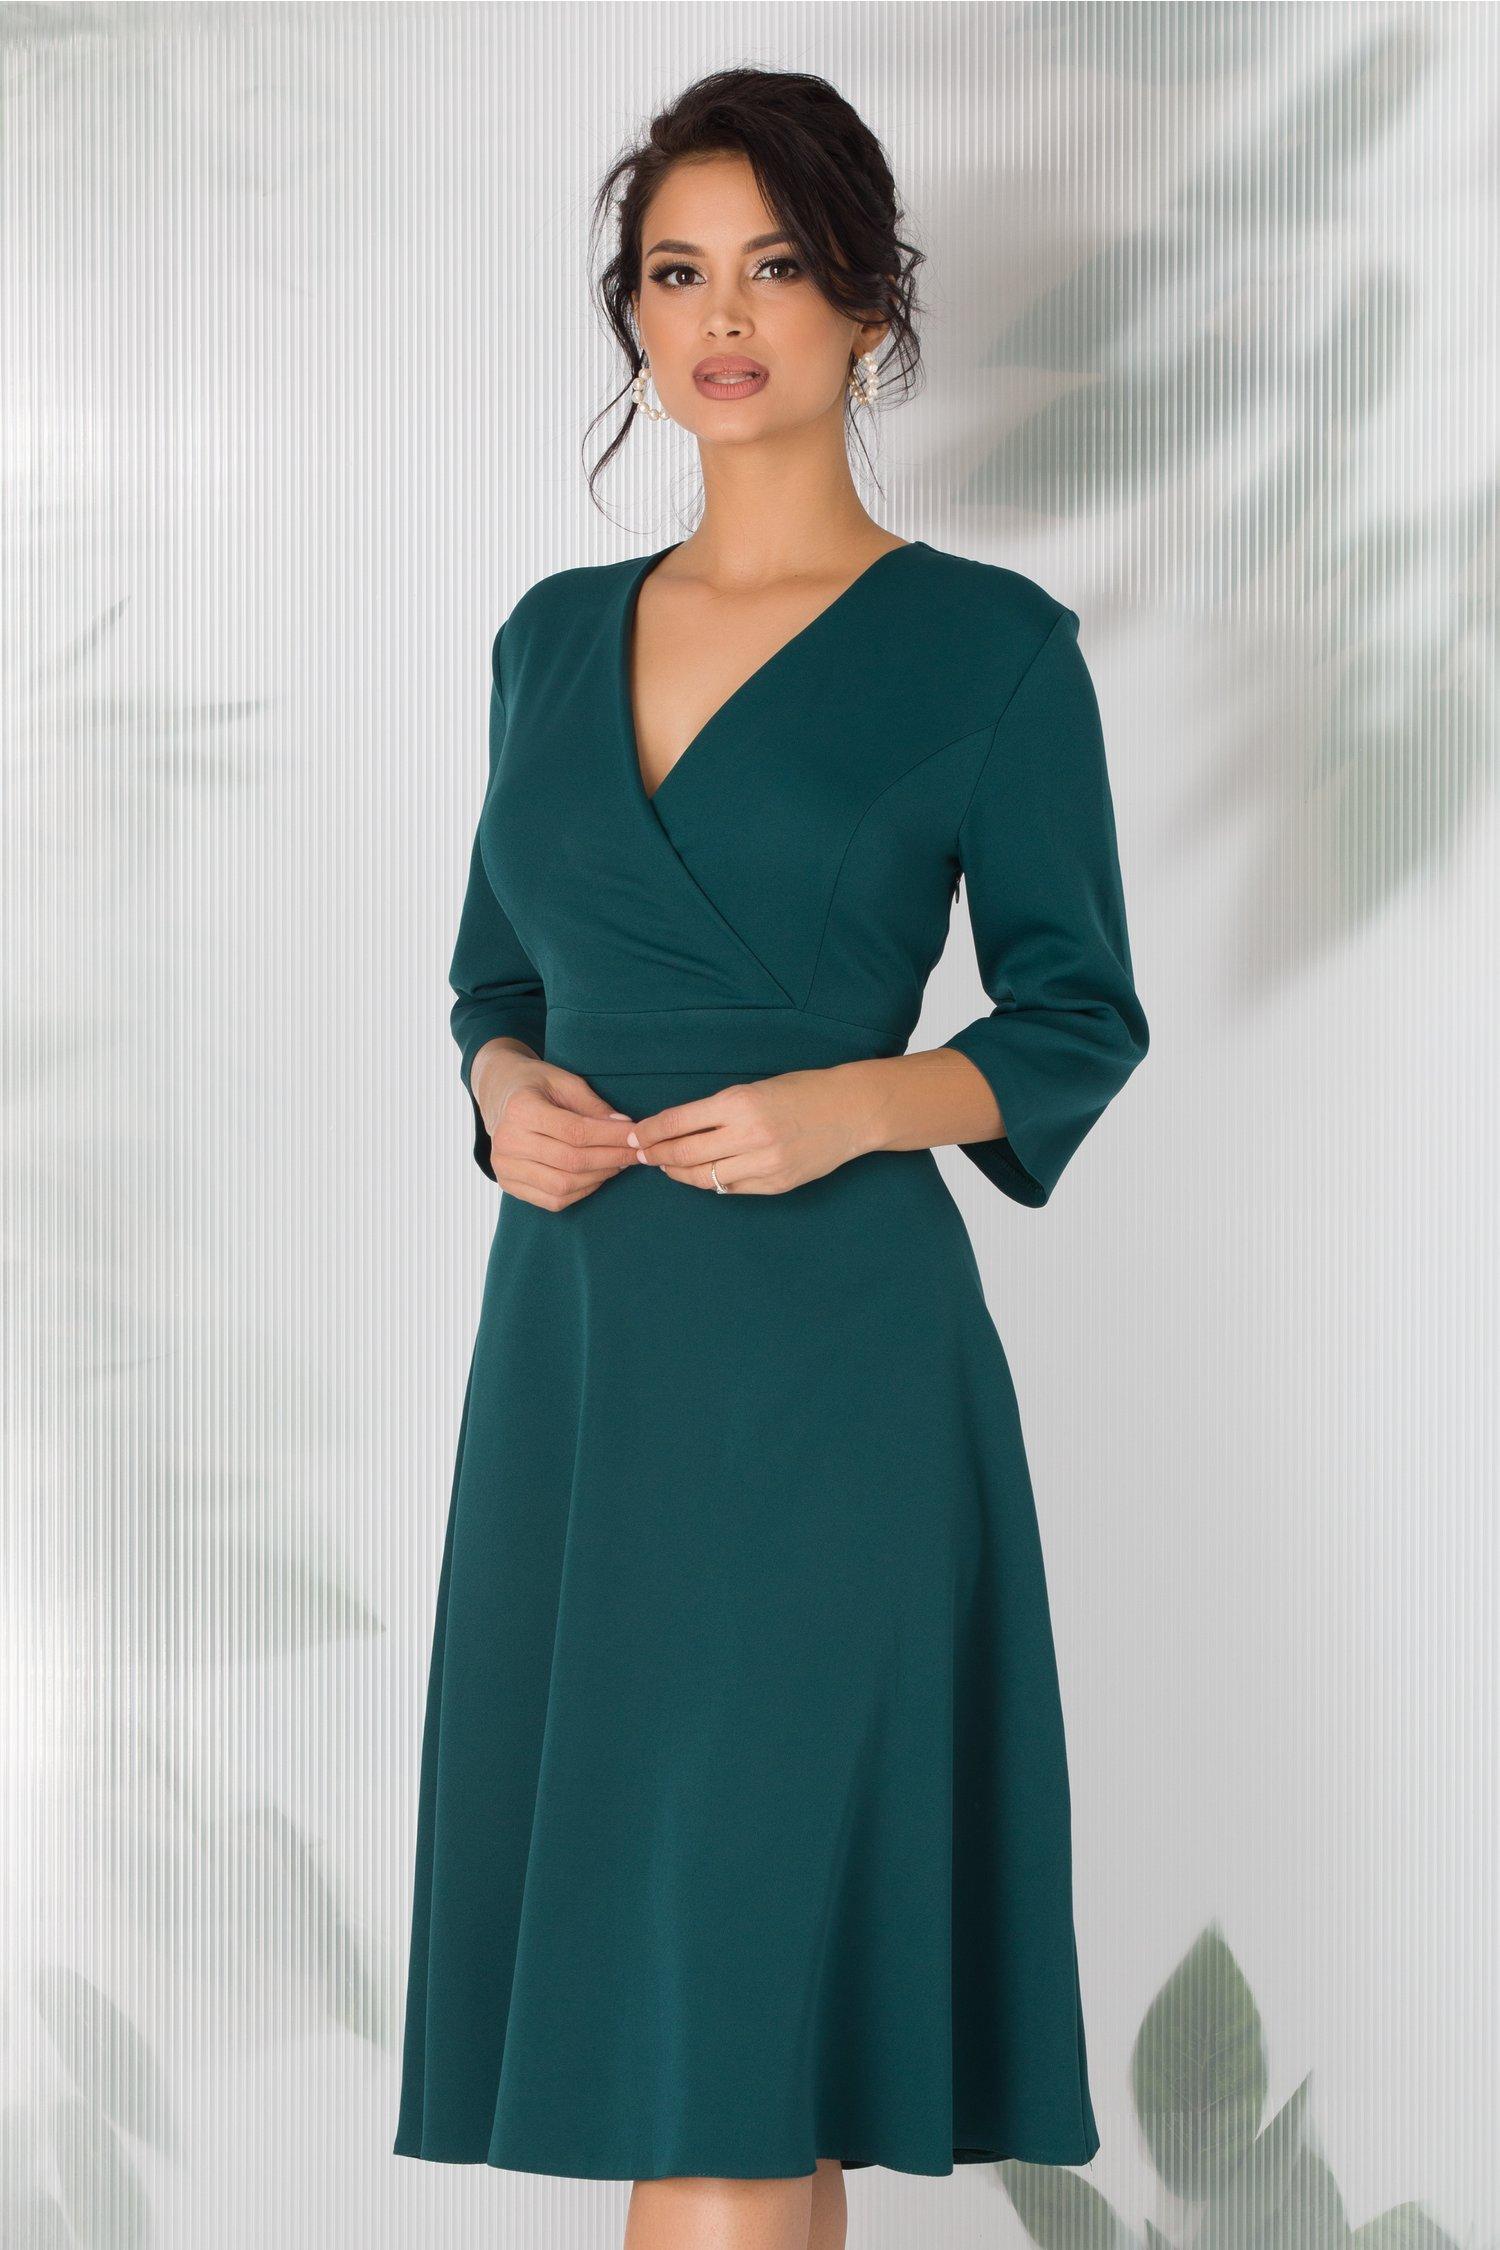 Rochie Thalia verde inchis cu decolteu petrecut